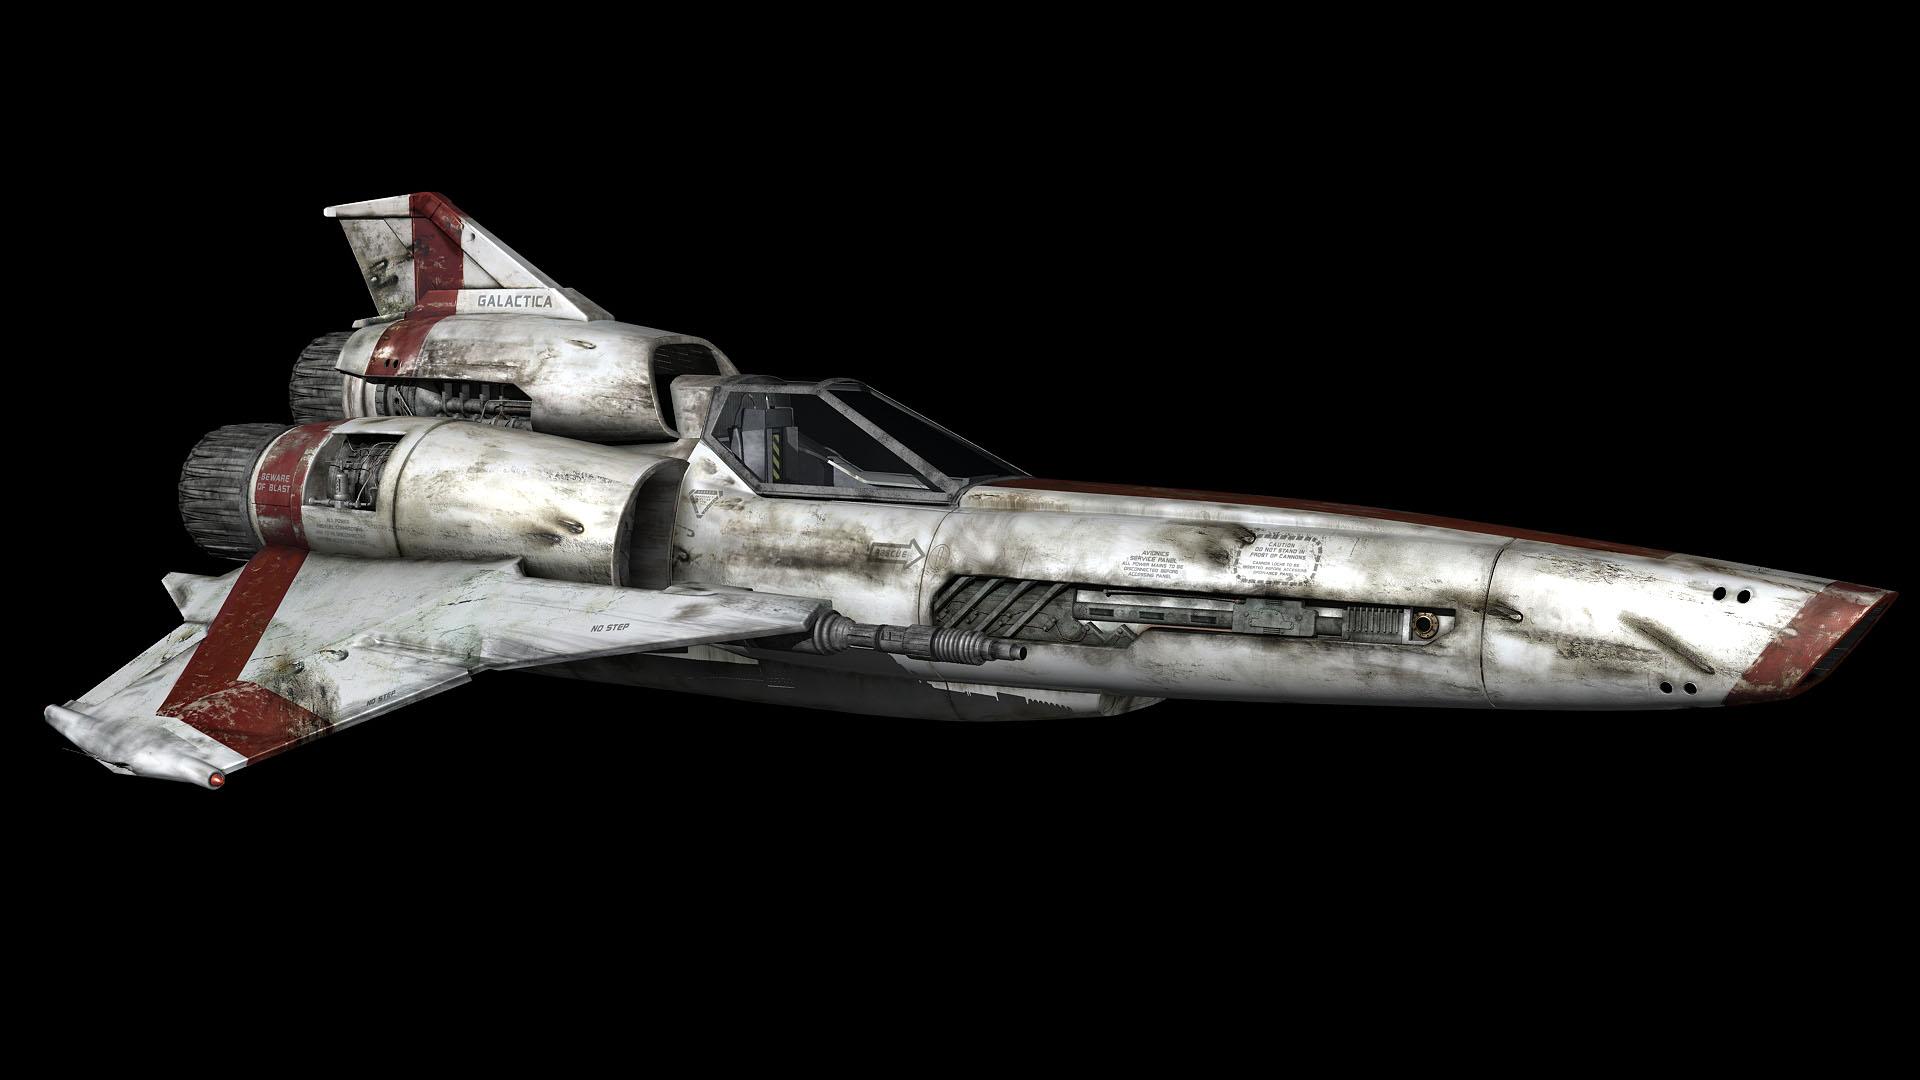 Las naves más molonas de las pelis y series de Sci-fi Kg_cg_viper_mk2-003